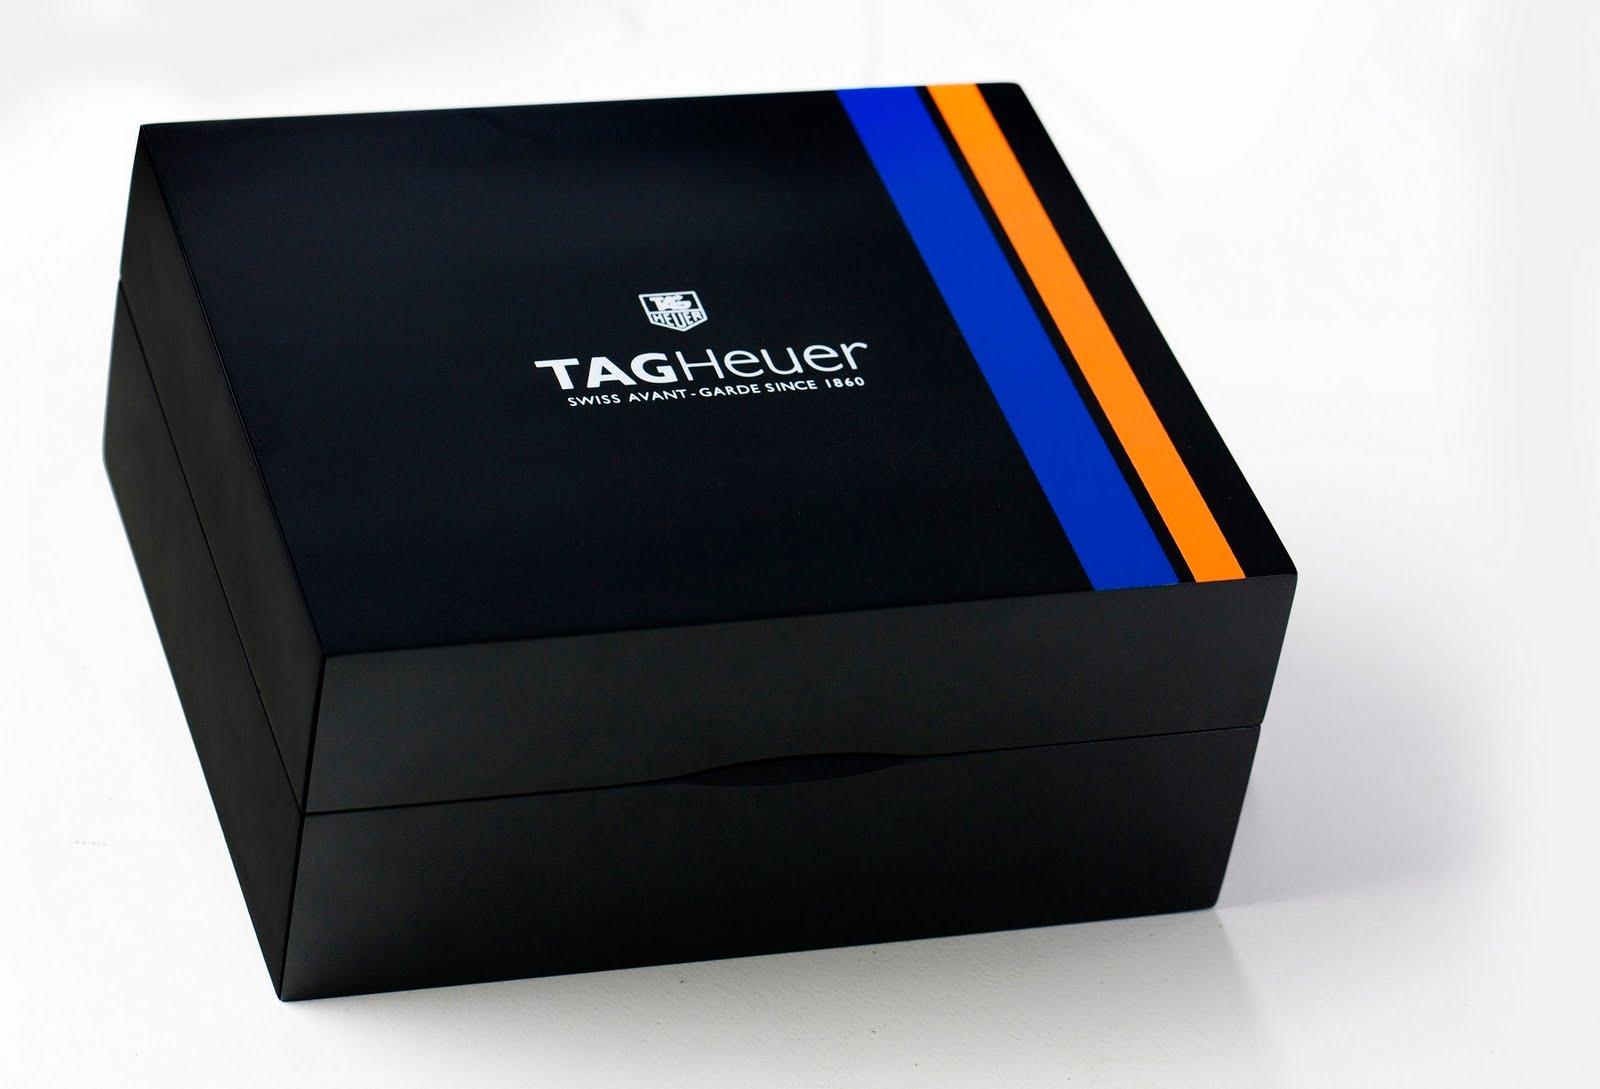 e35acec25d9 O TAG Heuer Concept 24 é um estojo que reúne o relógio Monaco 24 Calibre 36  Chronograph e o telemóvel MERIDIIST Gulf Edition numa edição limitada a 24  ...